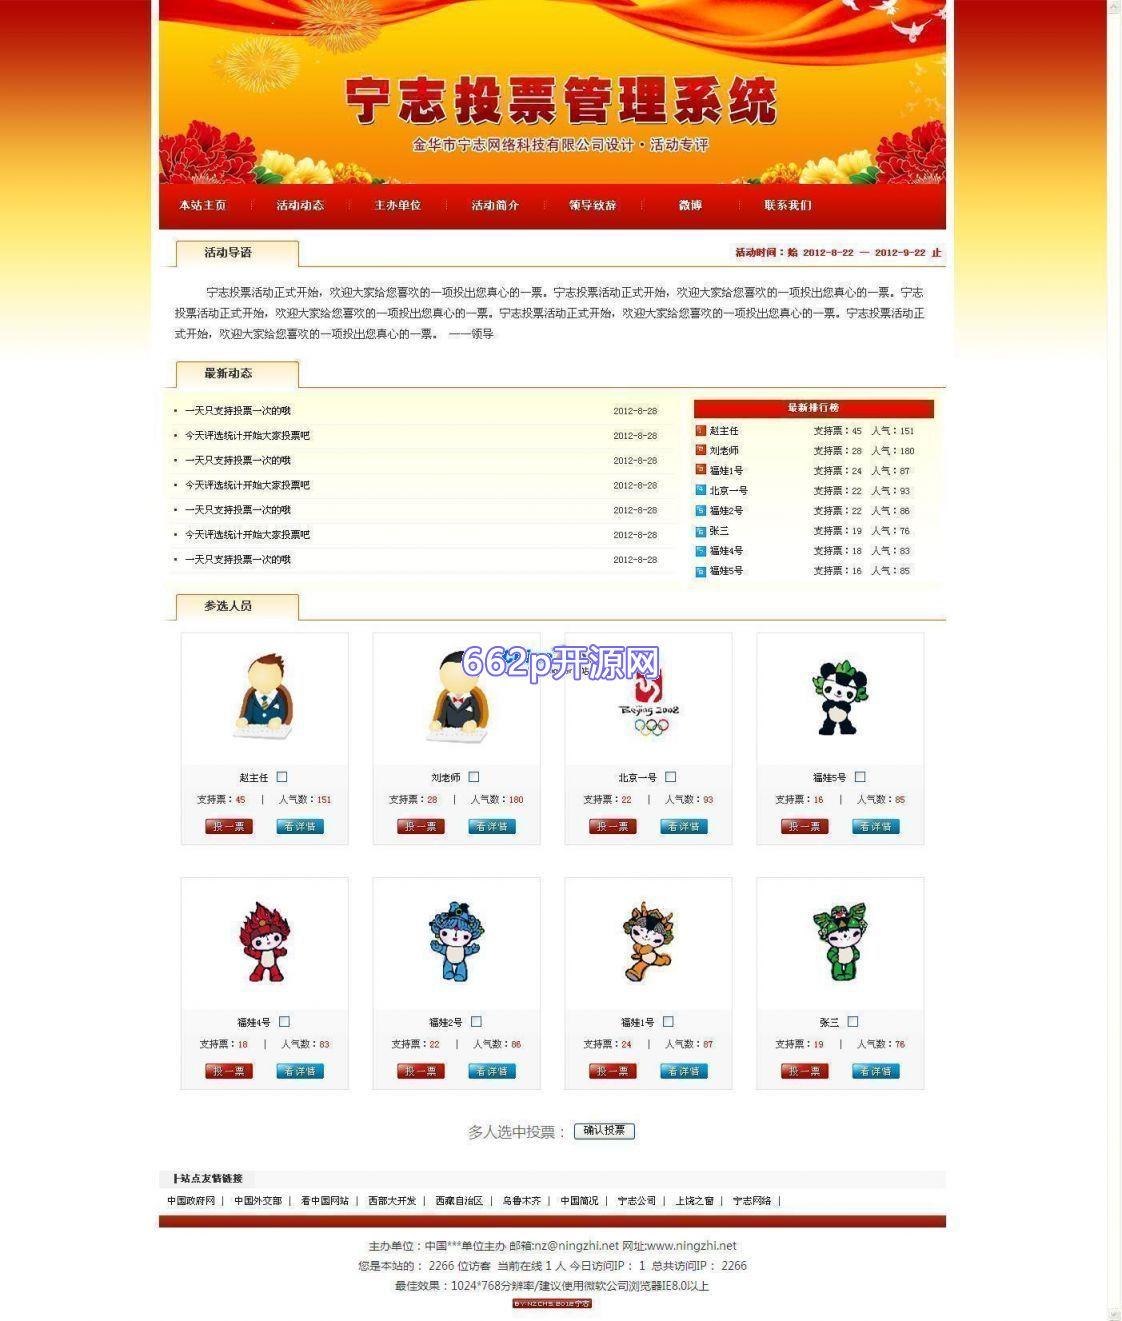 活动投票评选网站管理系